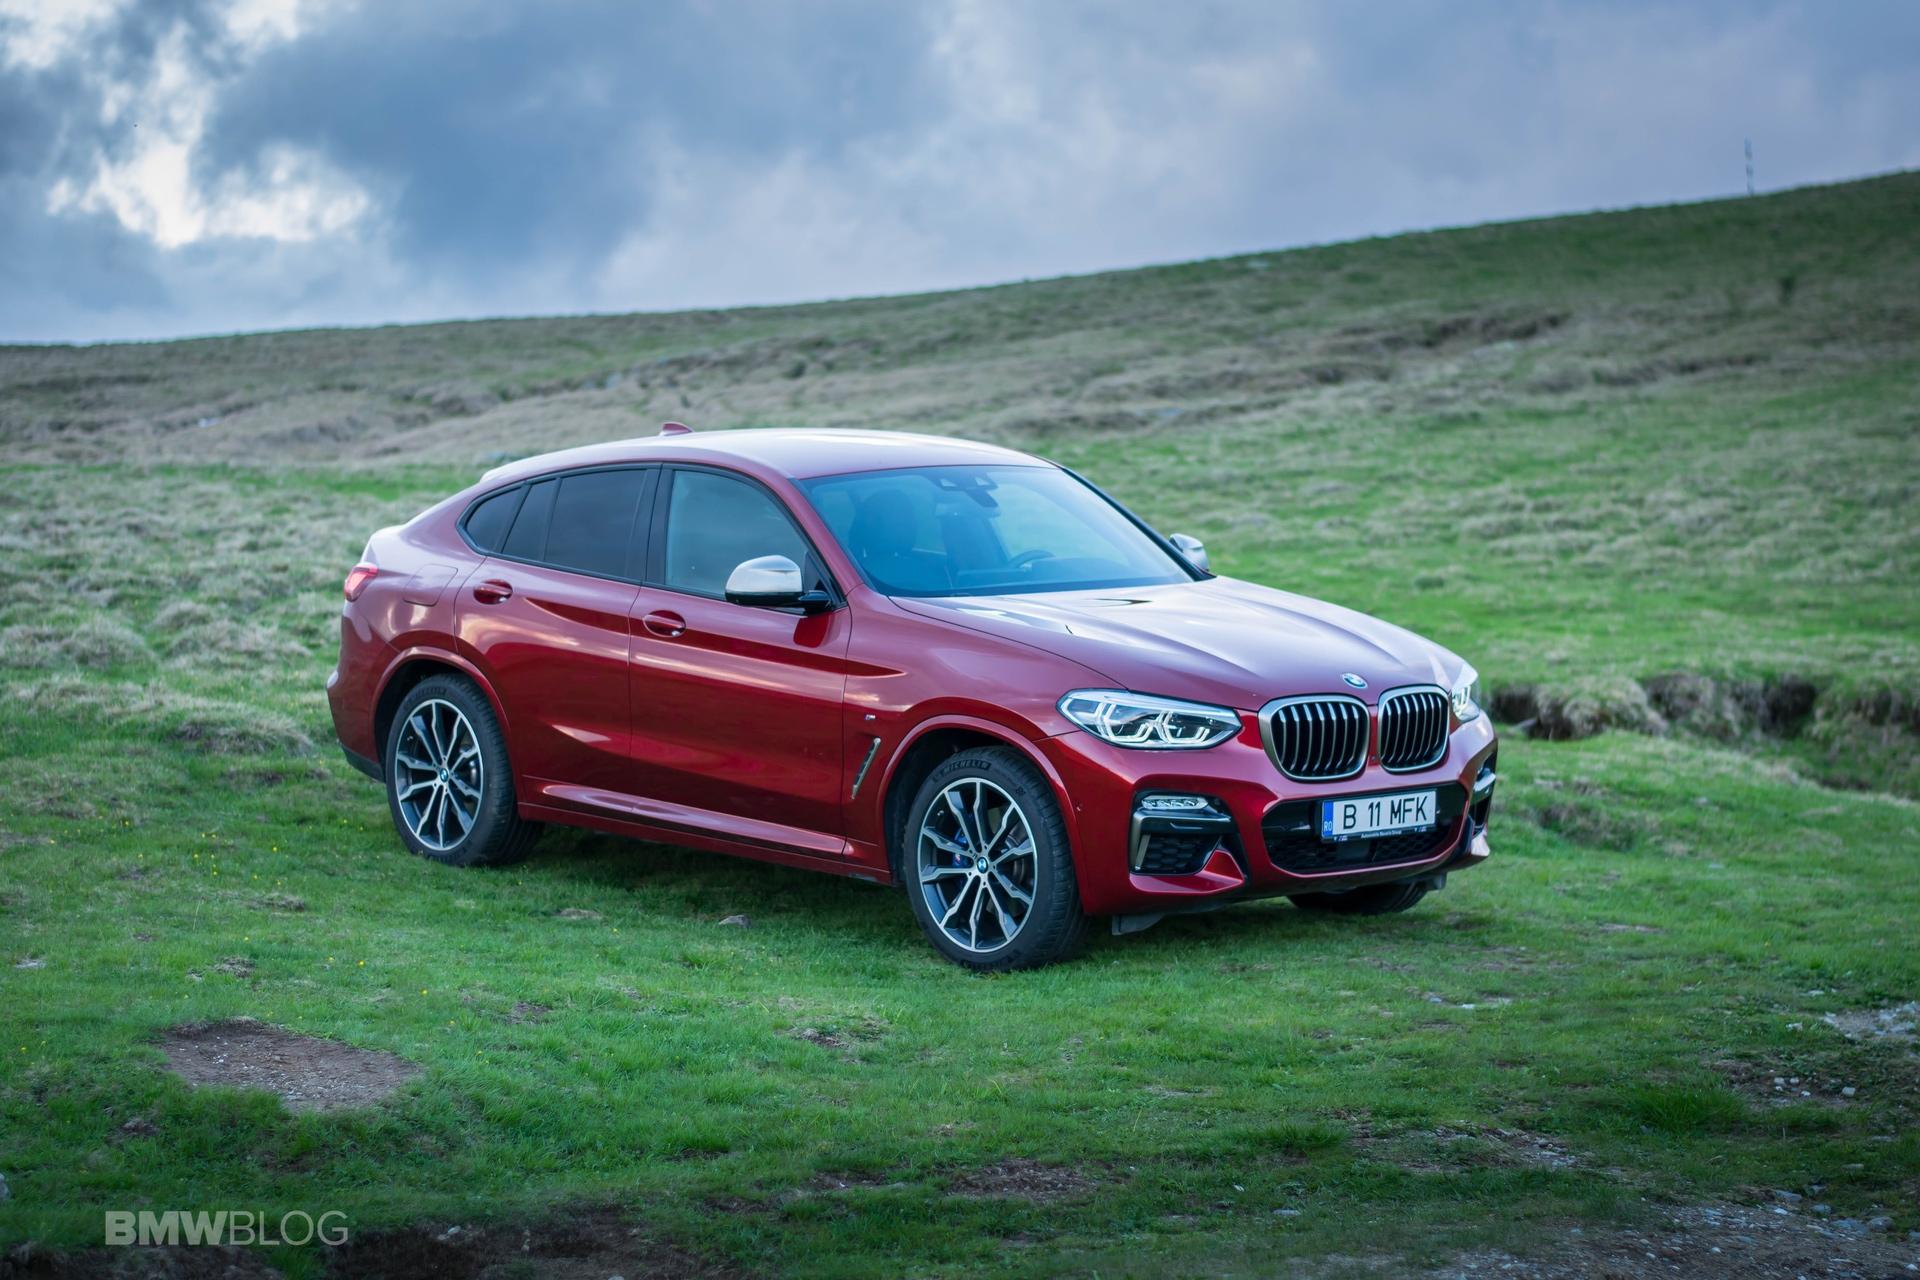 TEST DRIVE: 2019 BMW X4 M40d - Efficient Sportiness